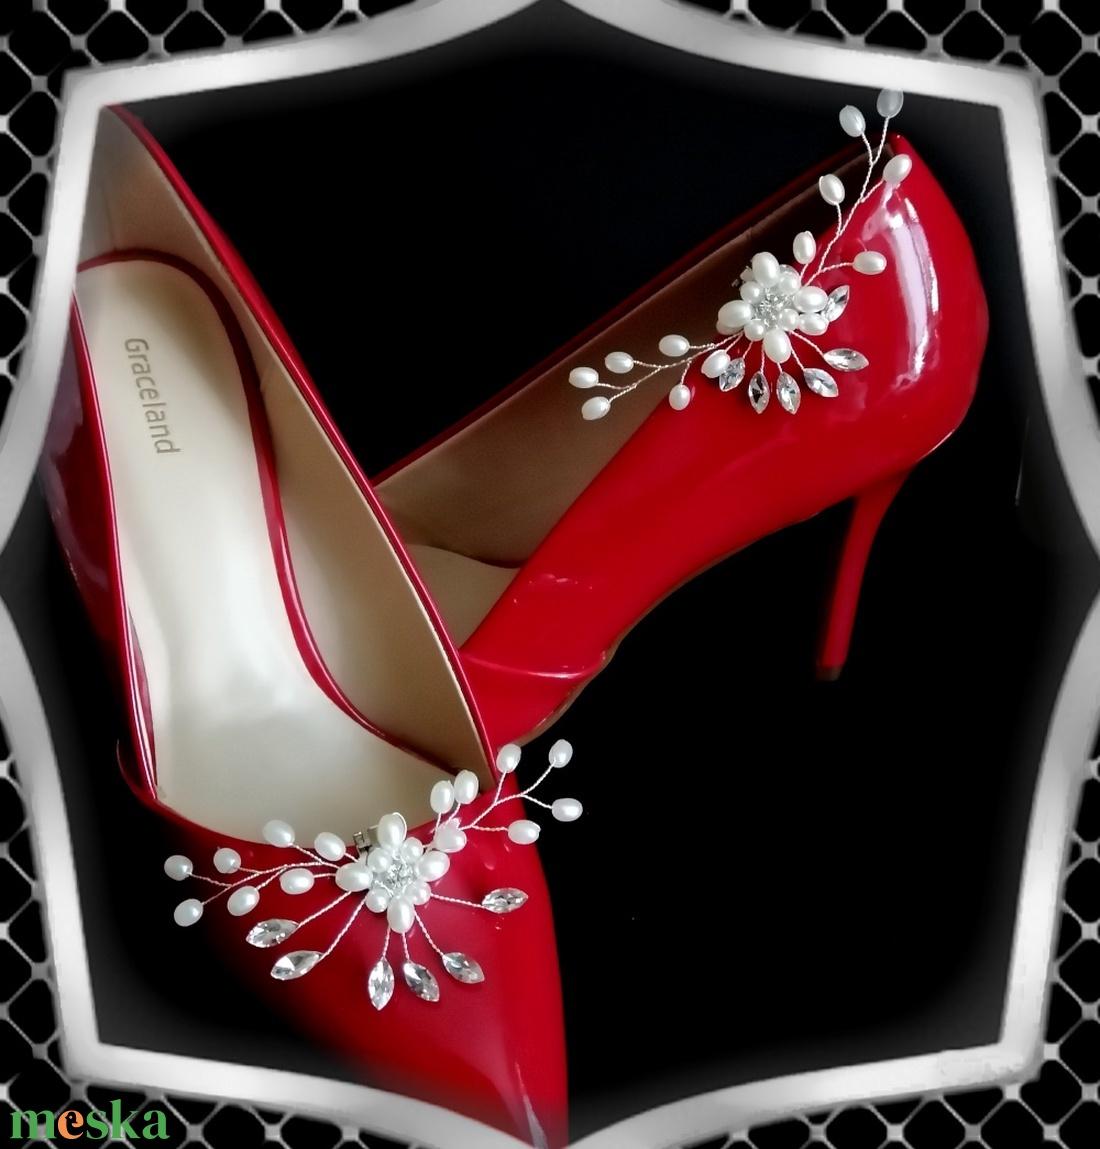 Esküvői, menyasszonyi, alkalmi cipődísz, cipőklipsz ES-CK23 - esküvő - cipő és cipőklipsz - Meska.hu